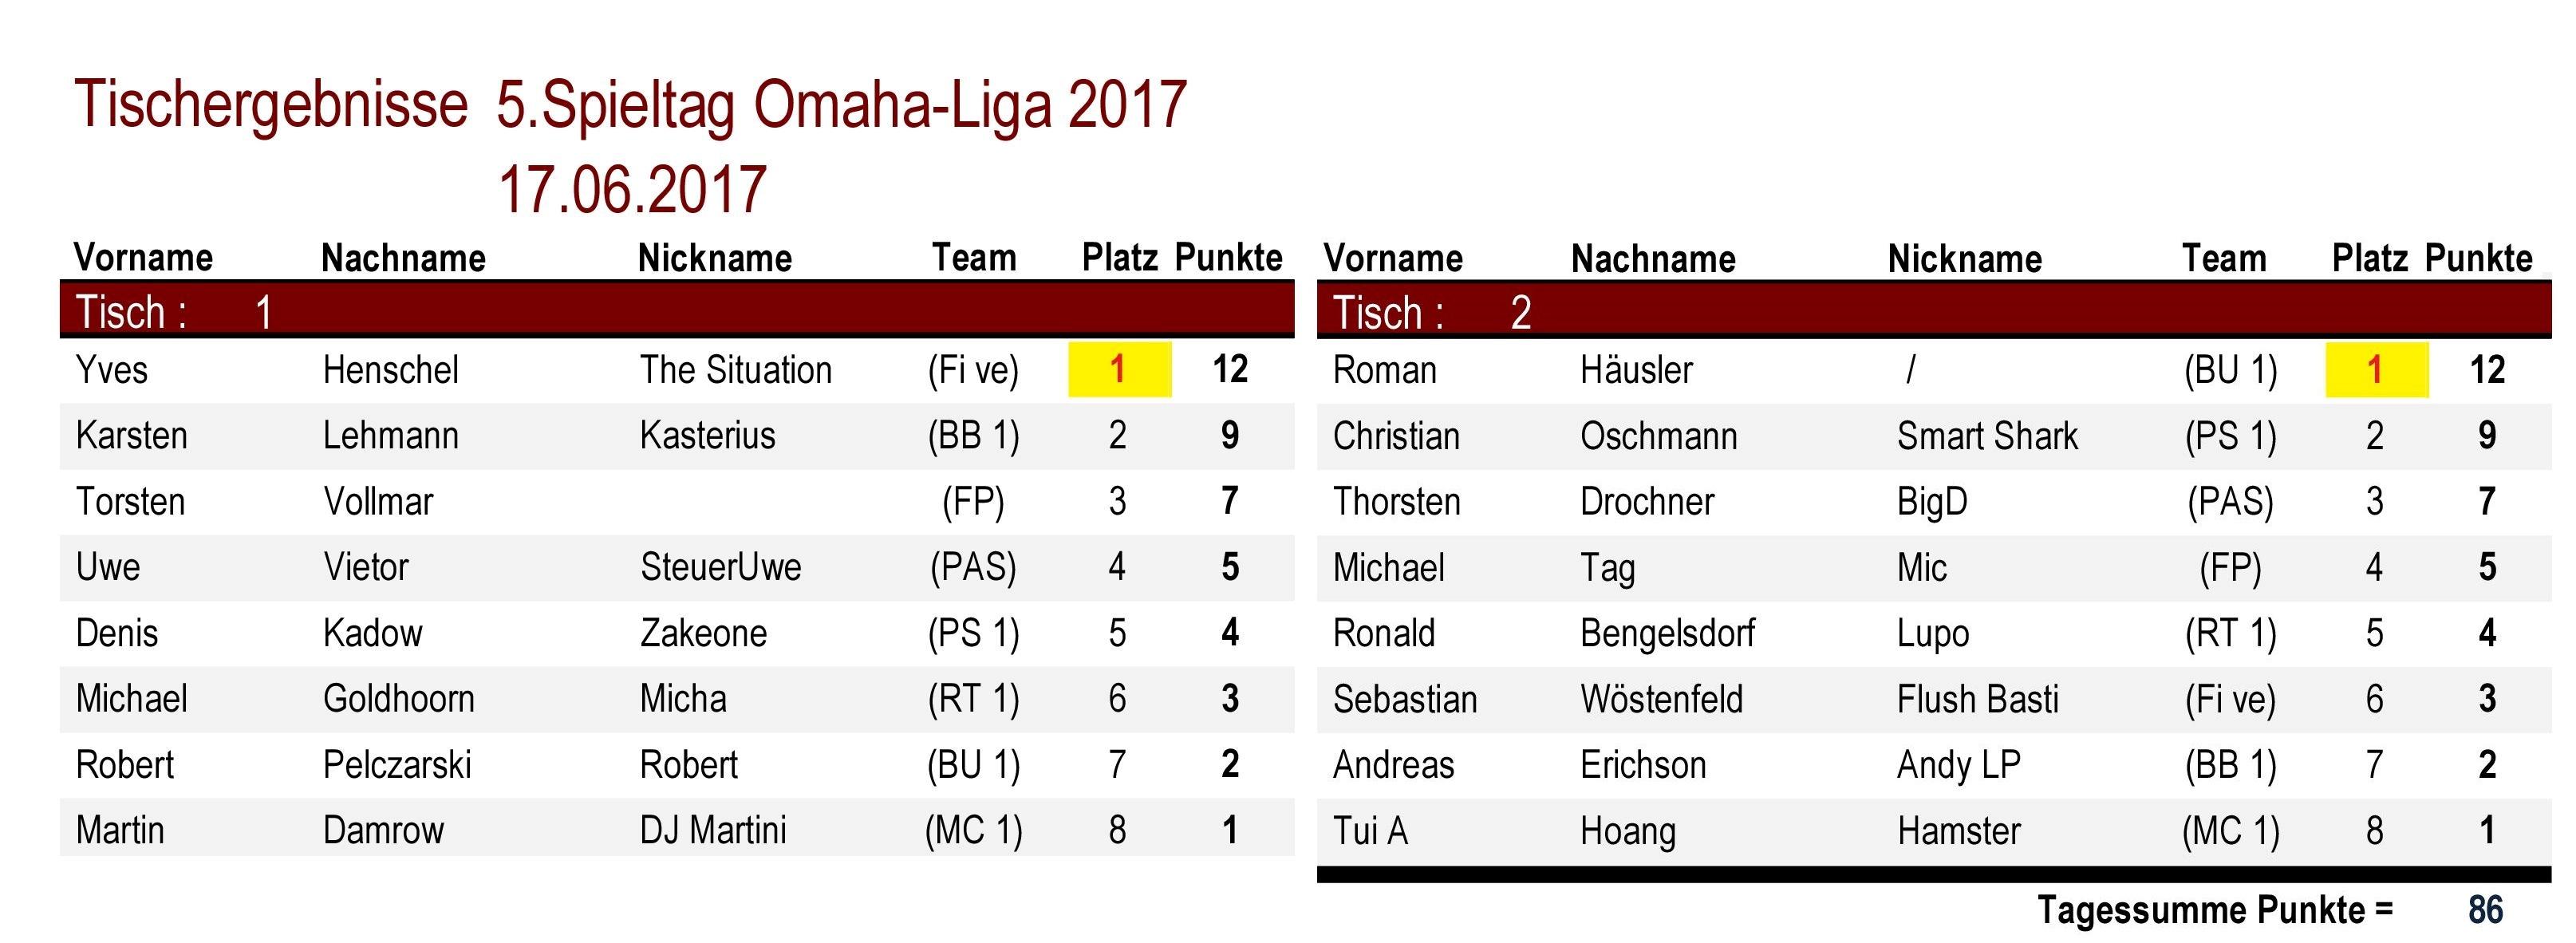 Tischergebnisse Omaha-Liga 5.Spieltag 2017